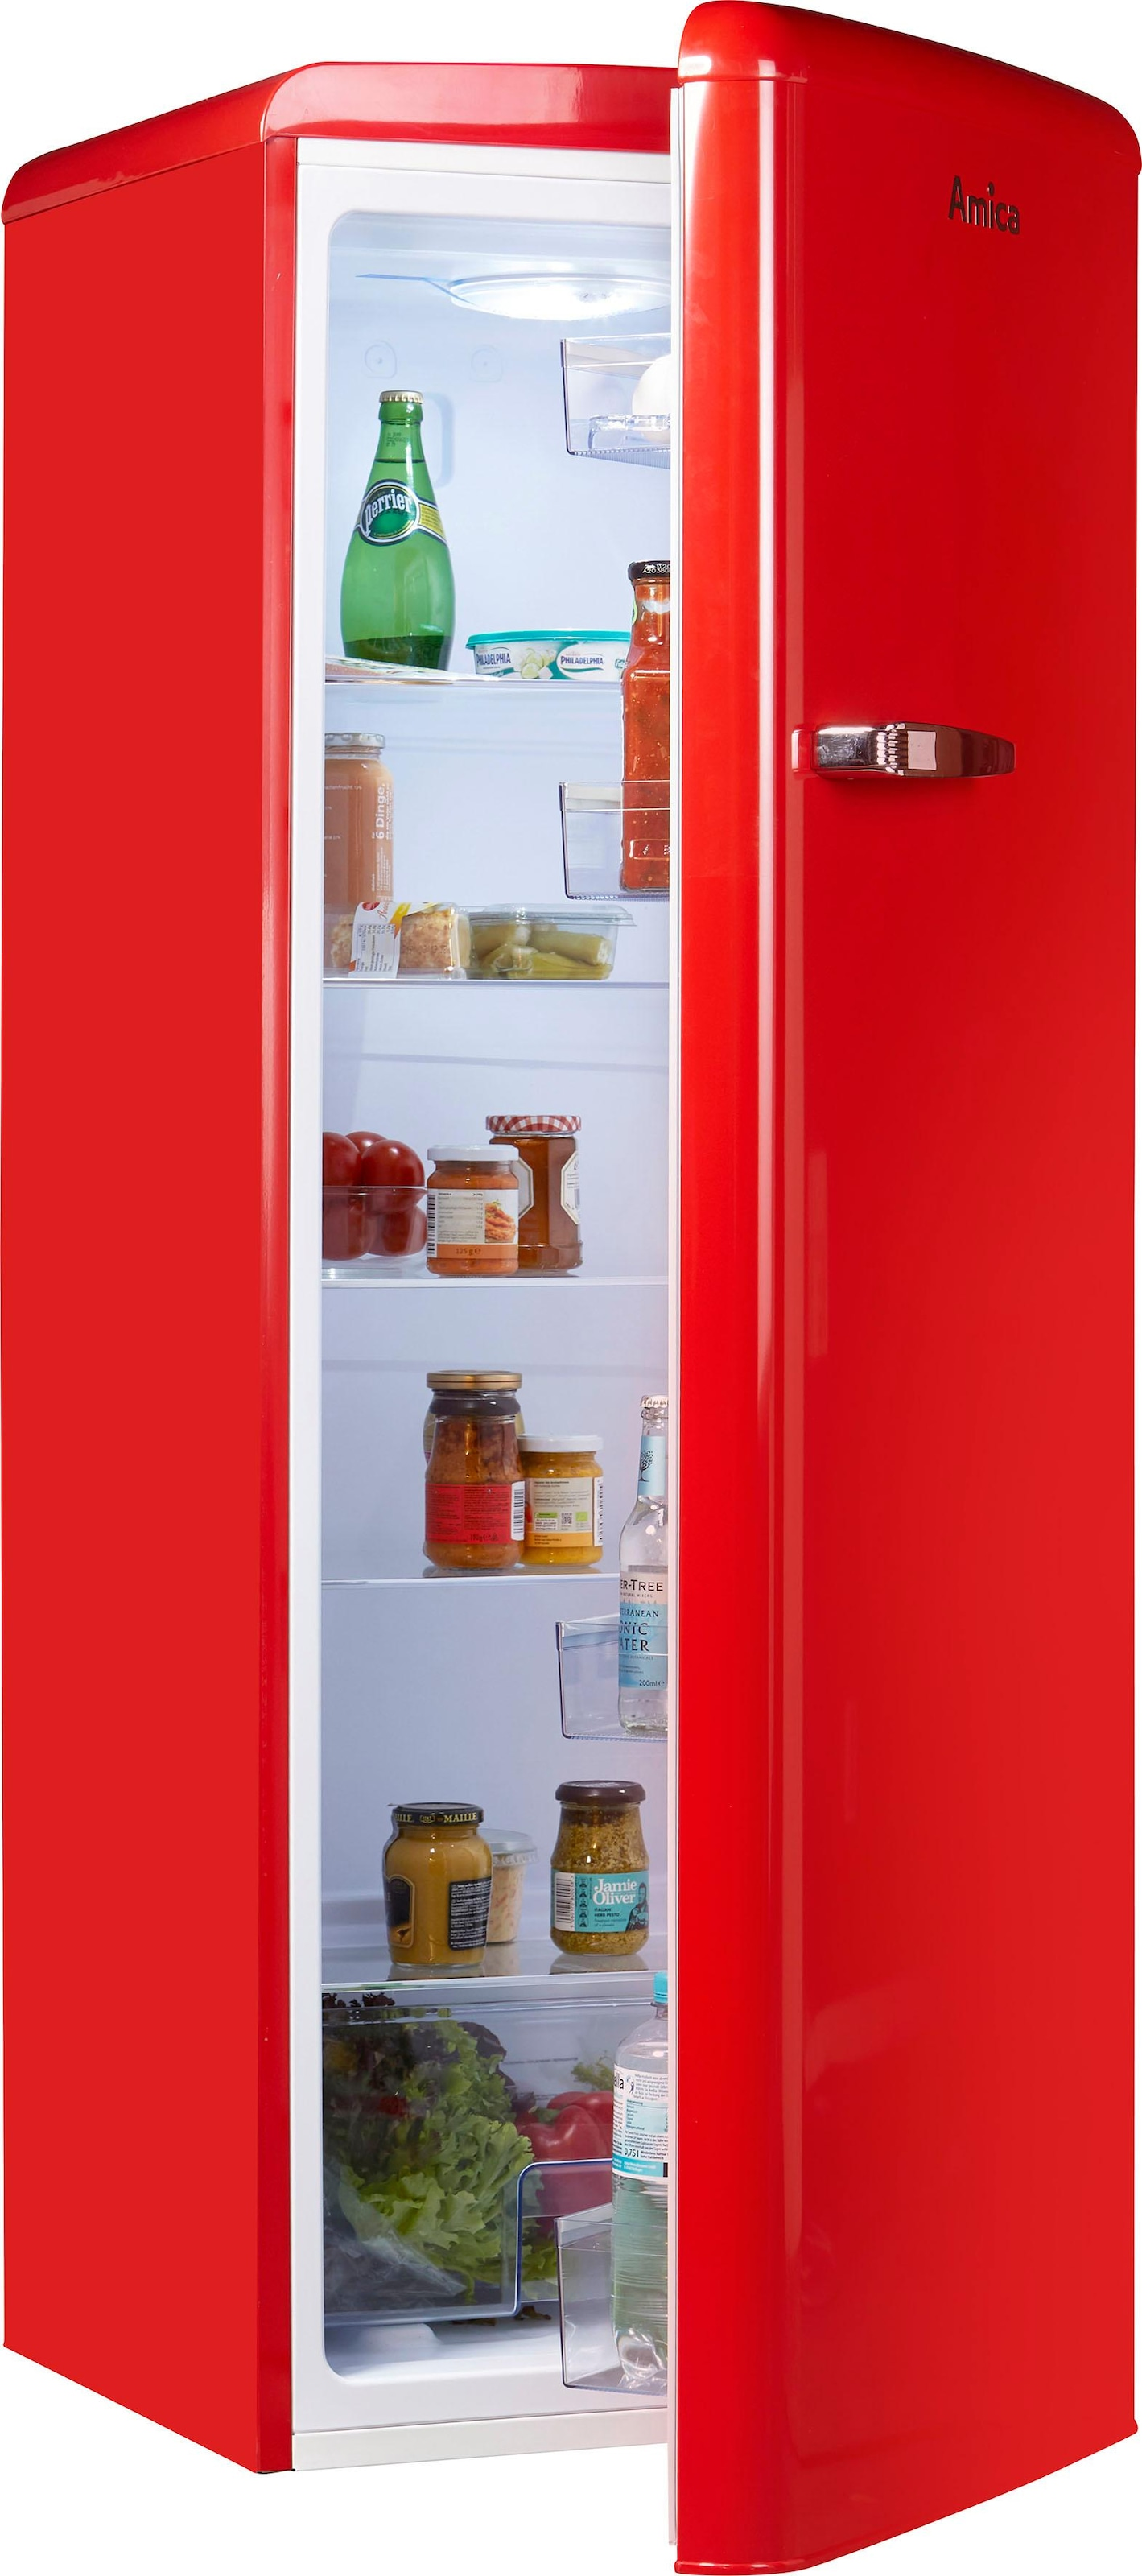 Bosch Kühlschrank Freistehend Ohne Gefrierfach : Kühlschränke ohne gefrierfach bei baur auf raten kaufen